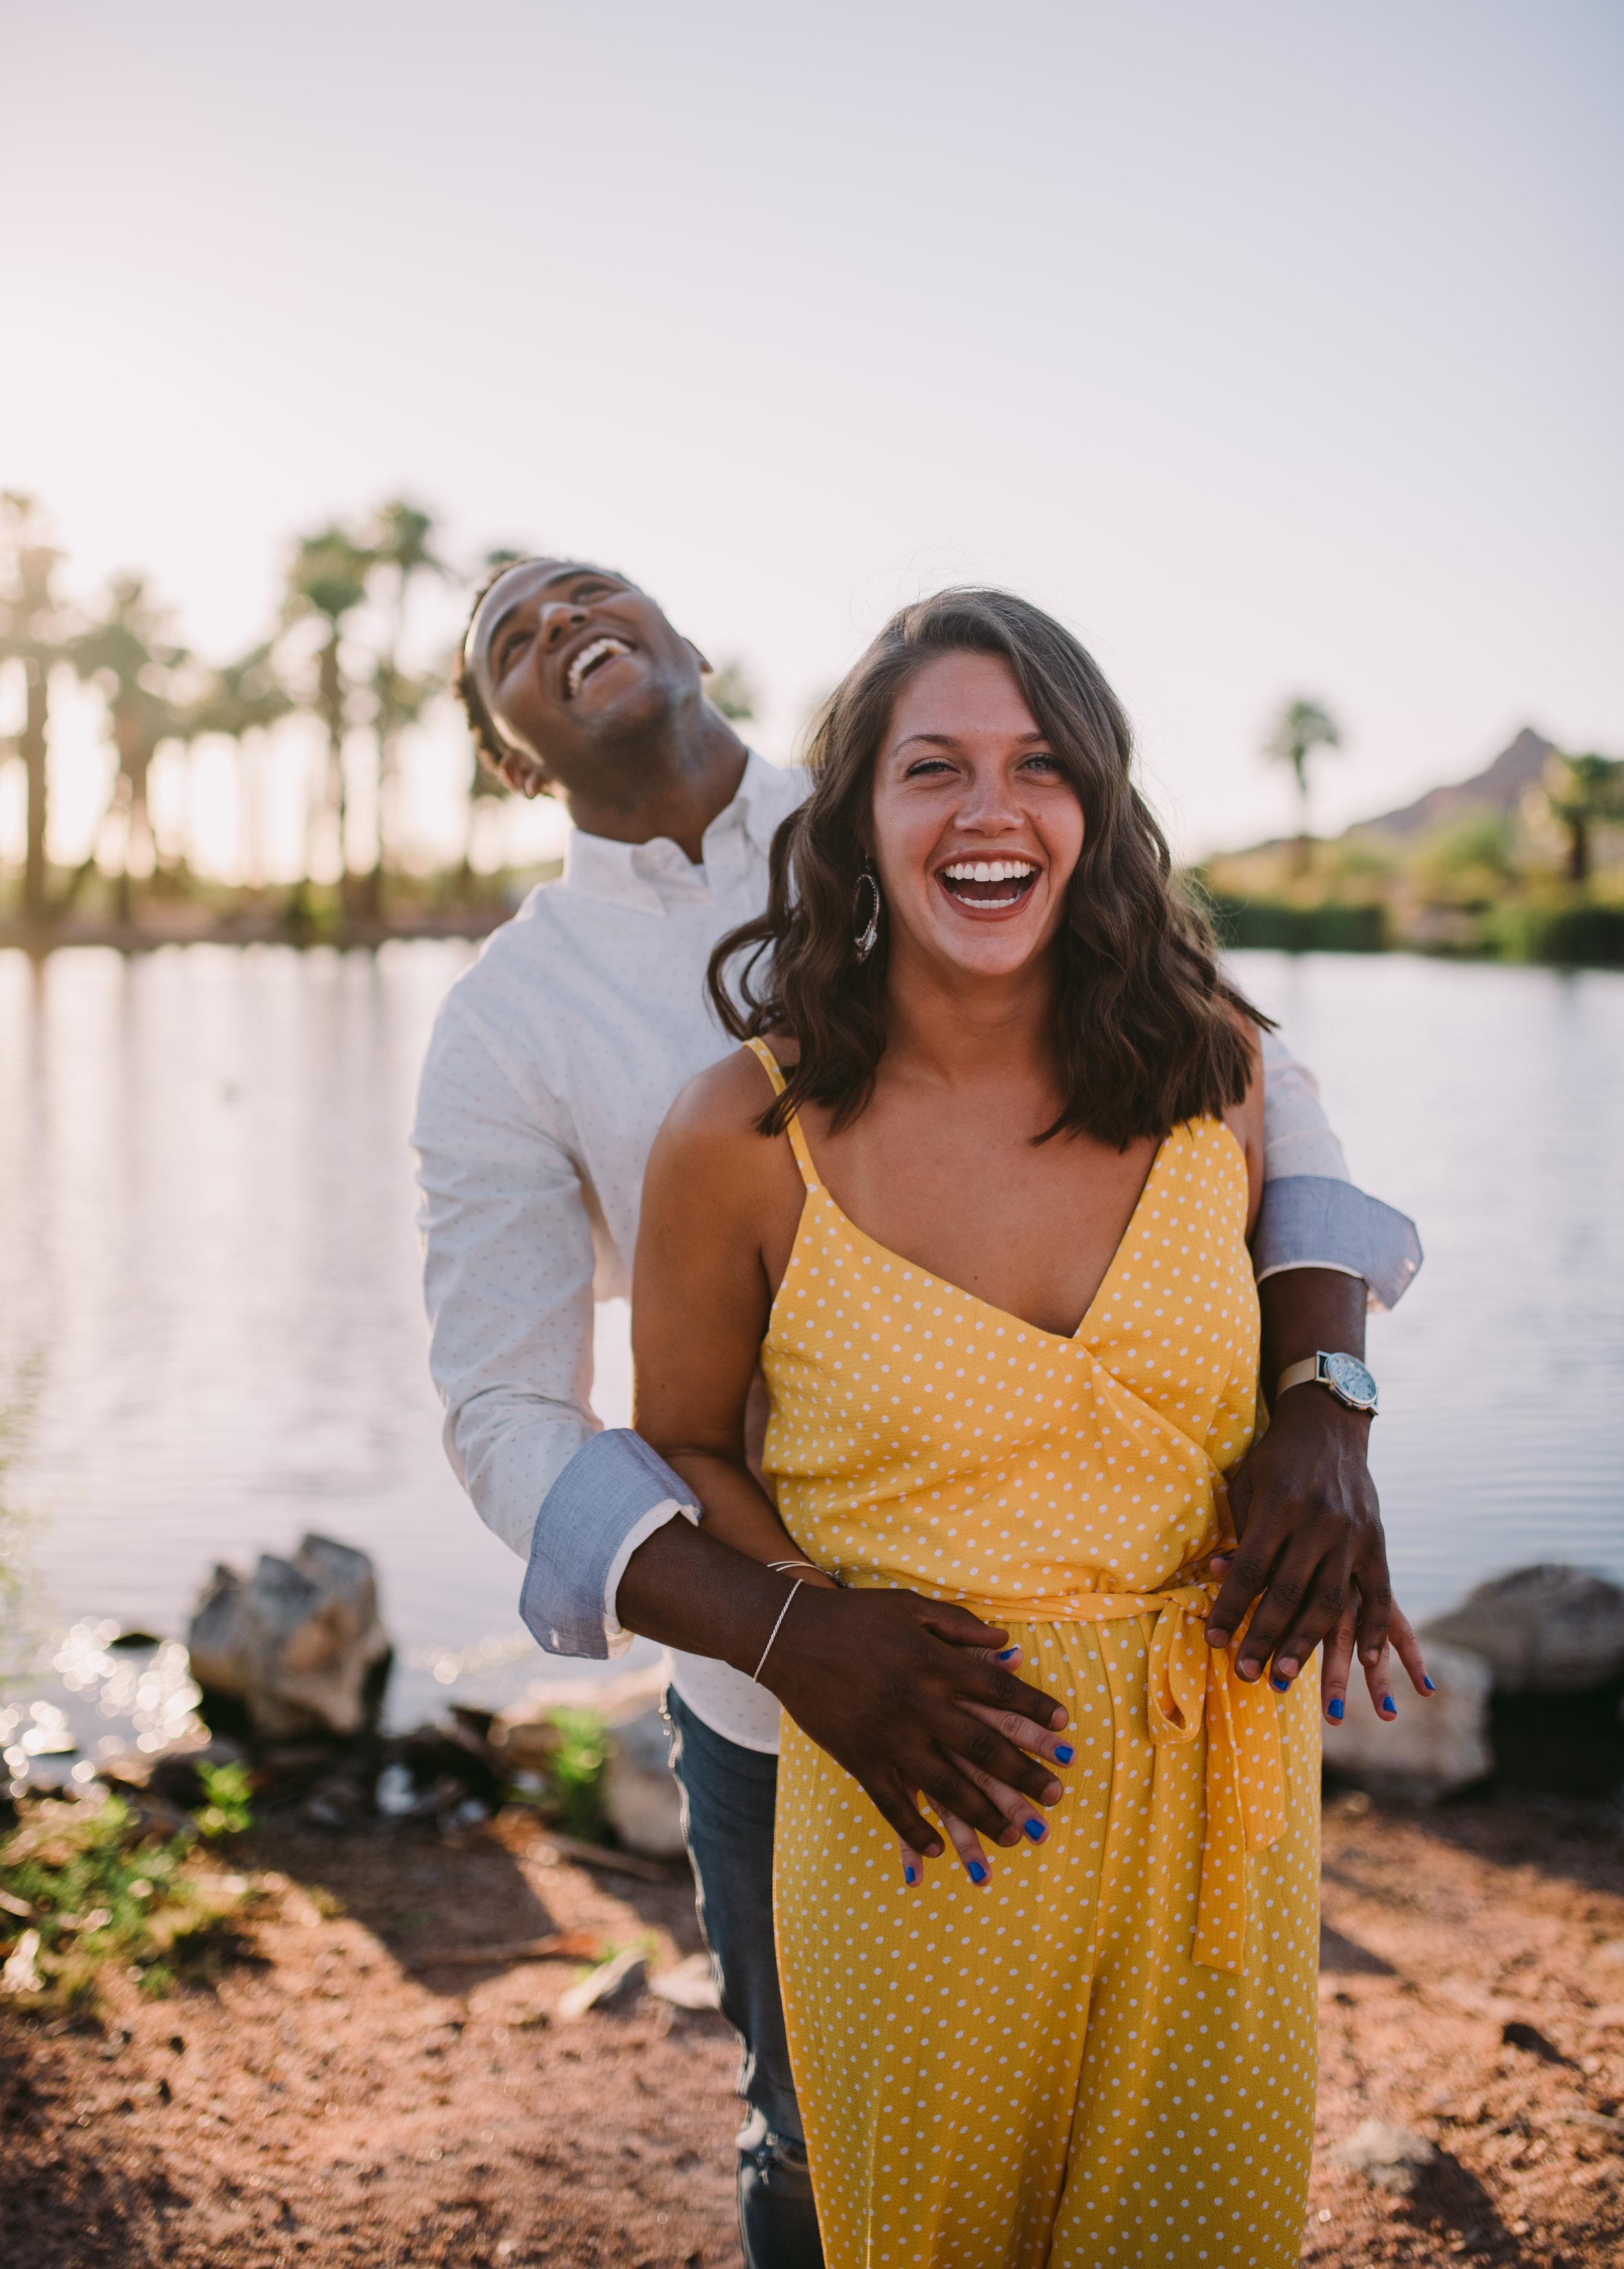 Jorey&Bryndon_EngagementSessionAtPapagoPark_July2018_PhoenixArizonaCouplesPhotographer_SamanthaRosePhotography_fina_004.JPG